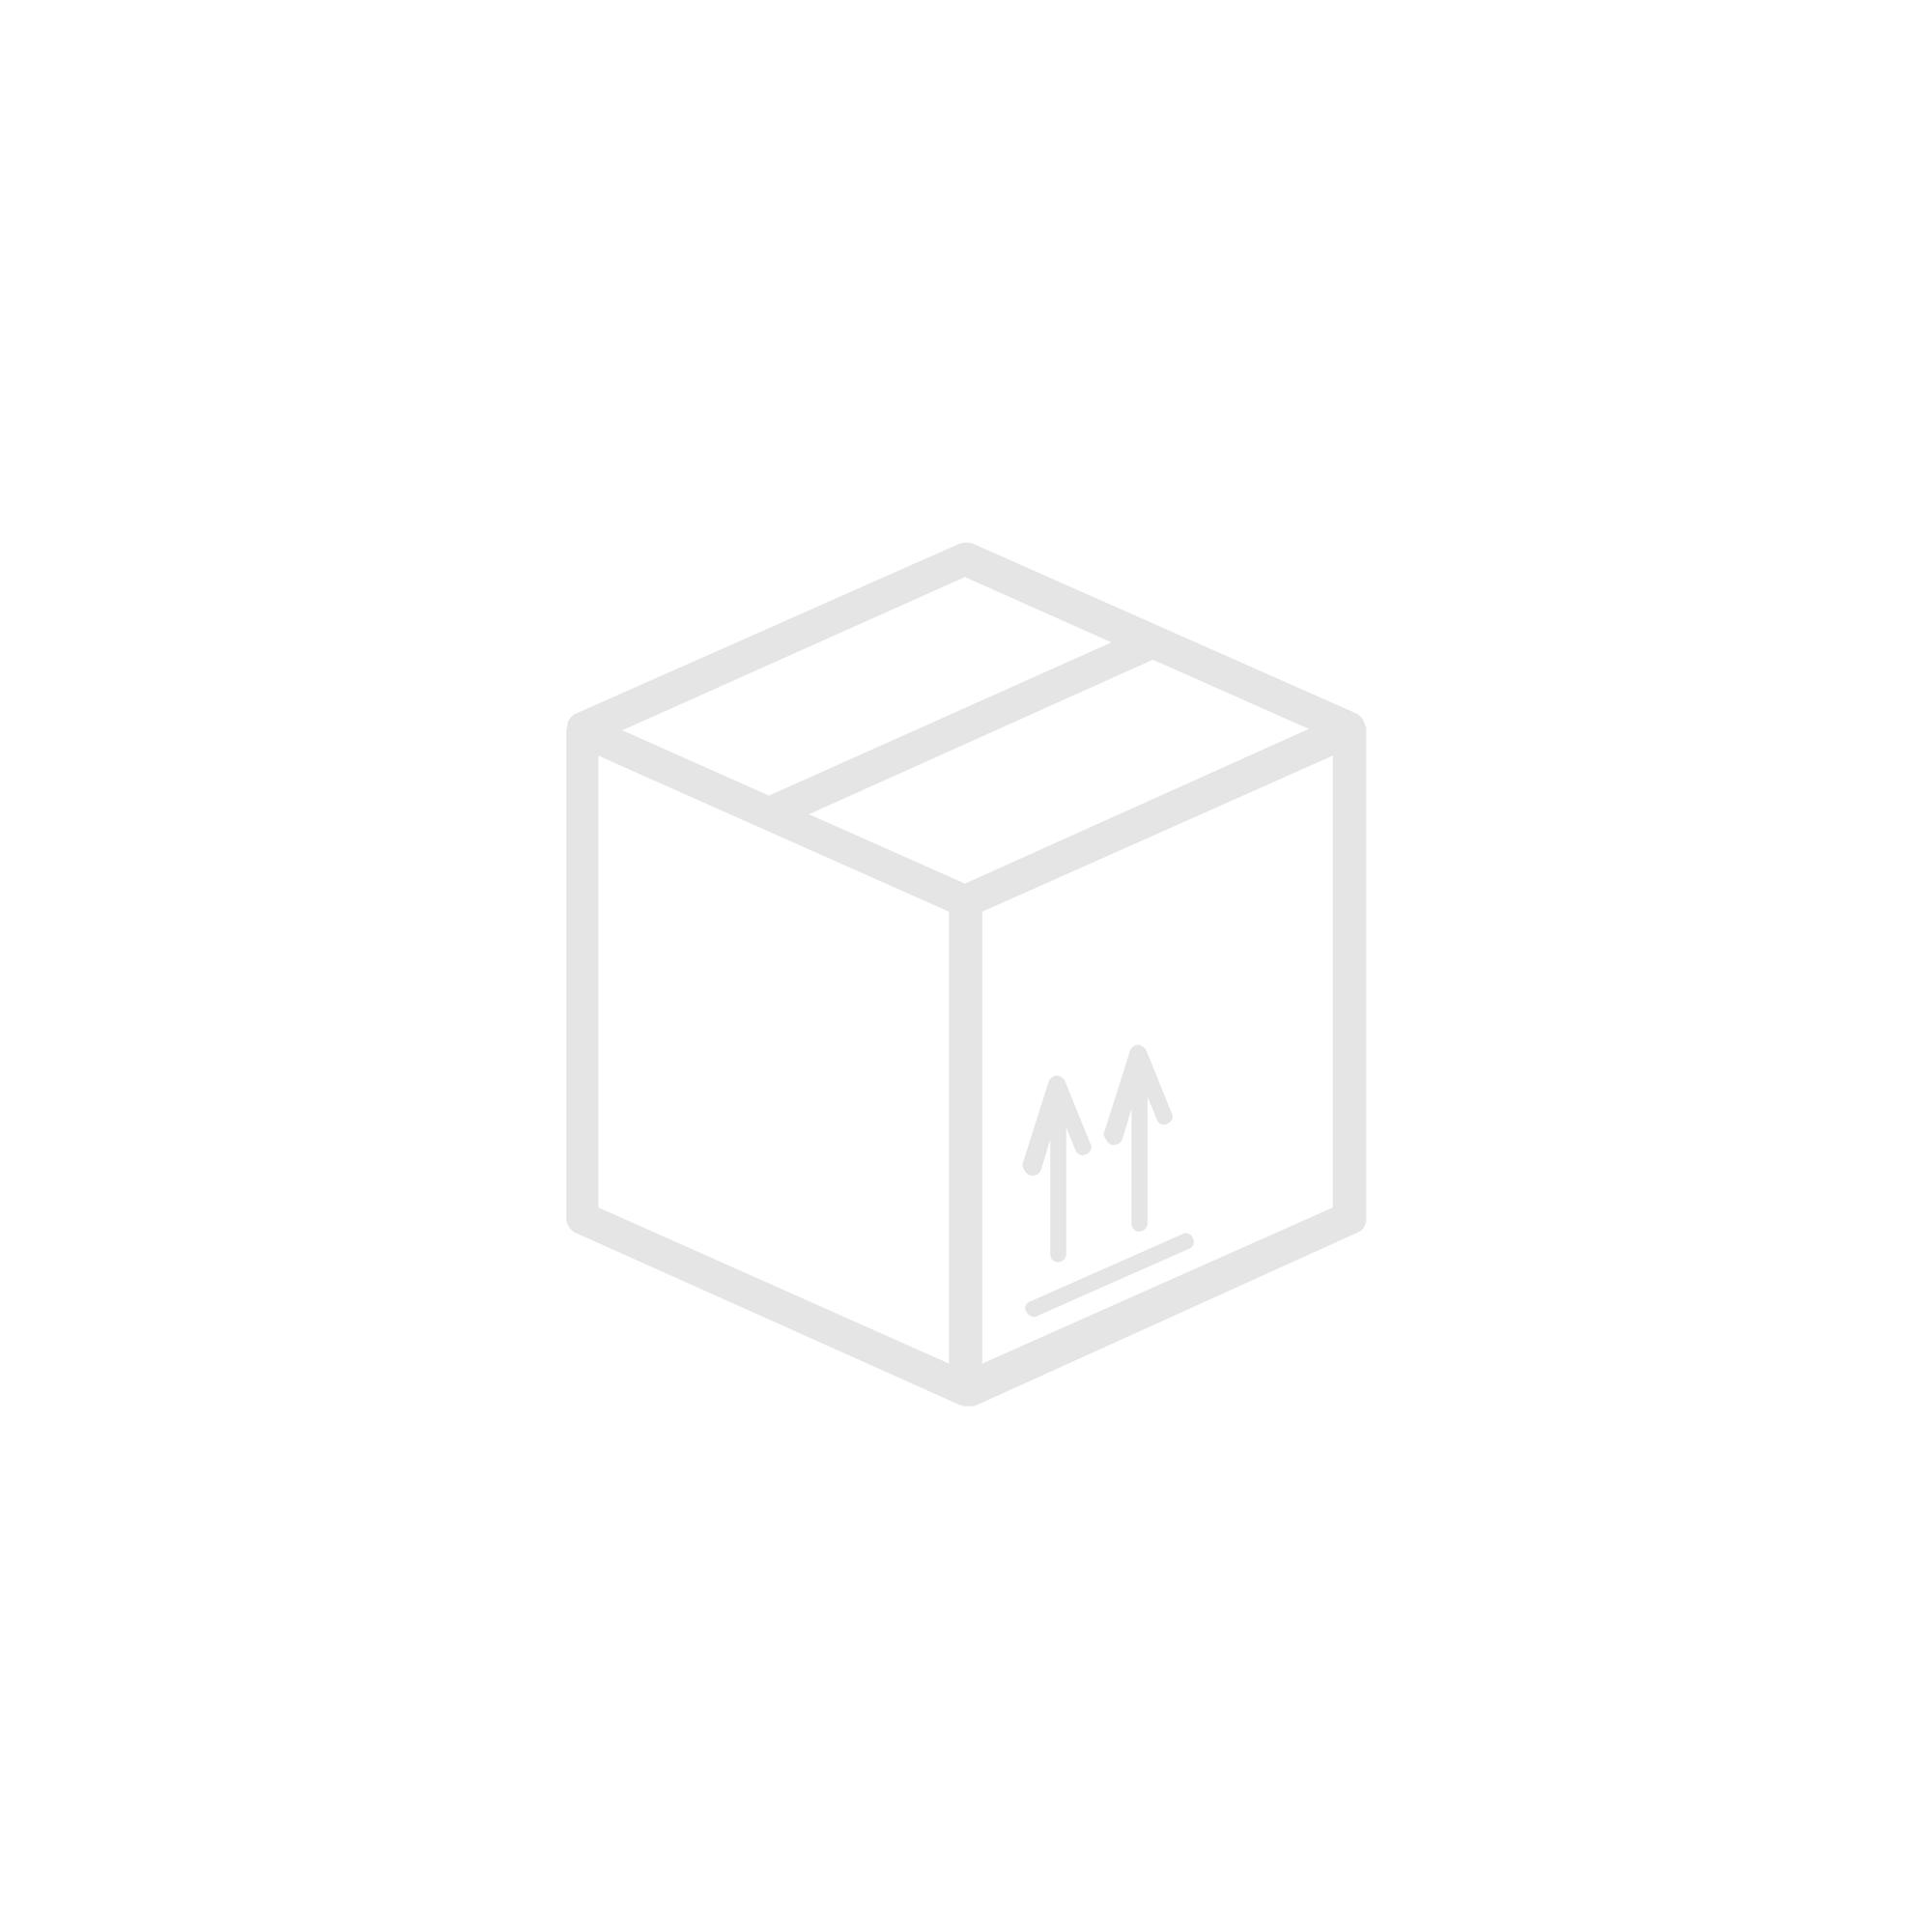 DISANO Svítidlo LED MICRORODIO 1980 29W 2483lm 4000K antracit IP66